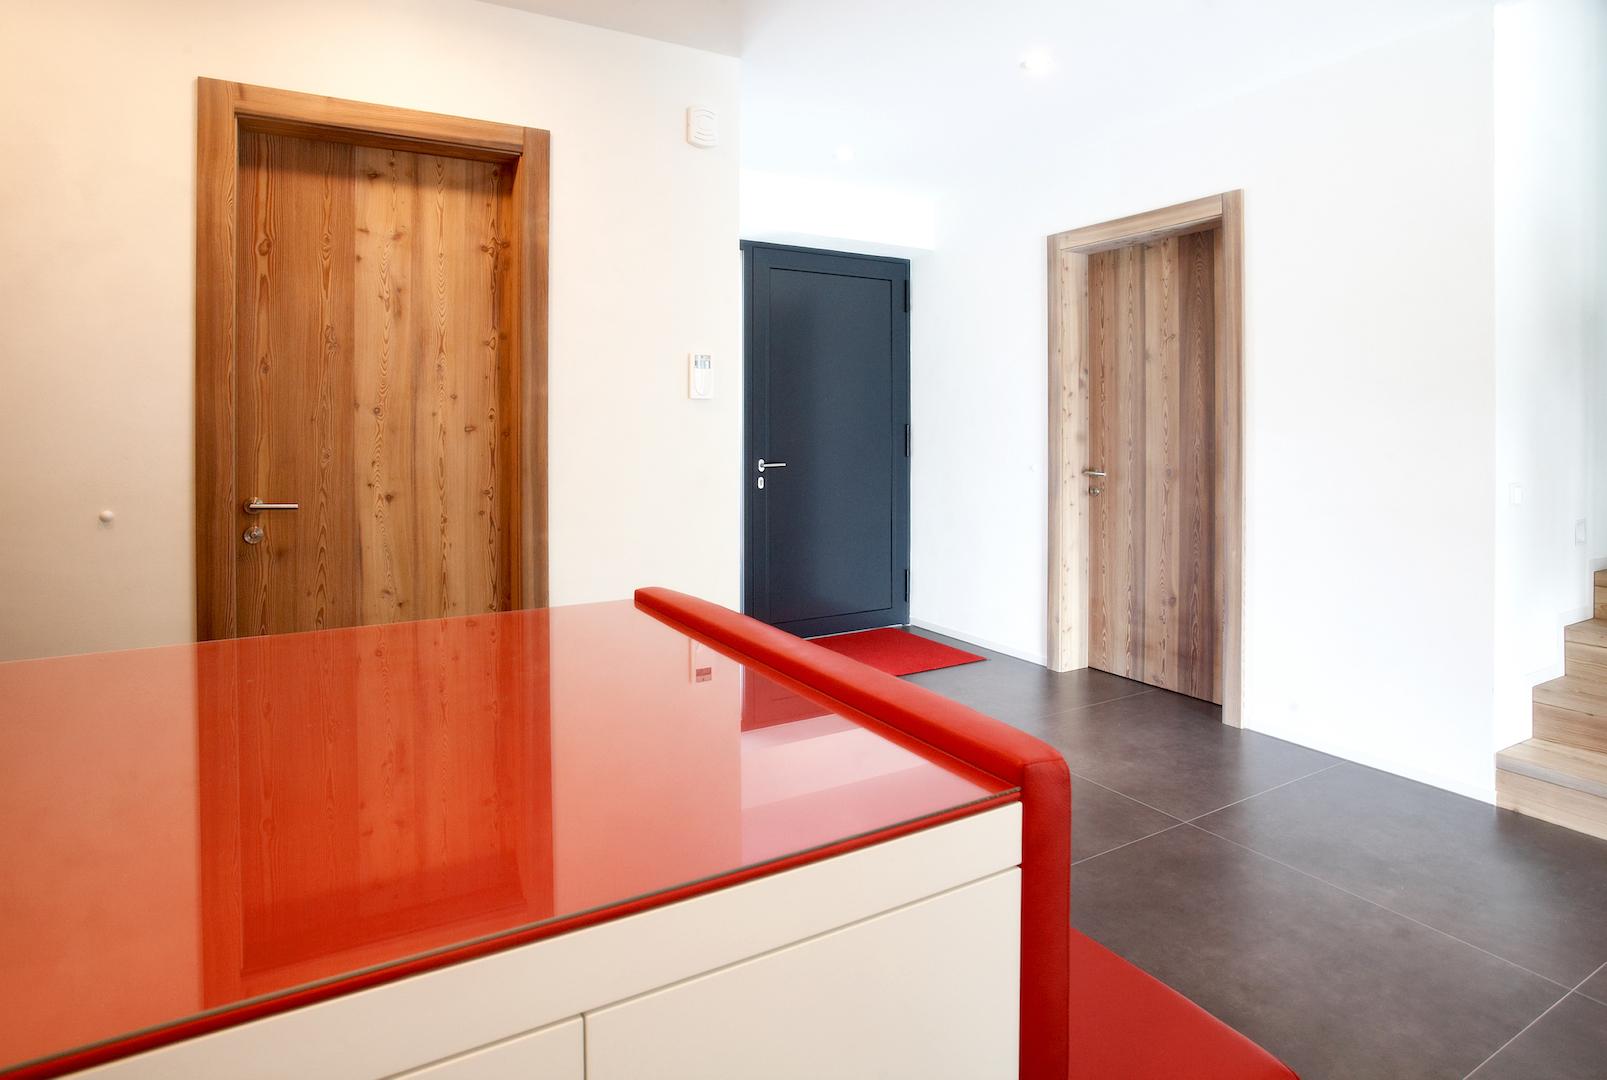 Ein Haus mit Türen aus dem Bodenhholz